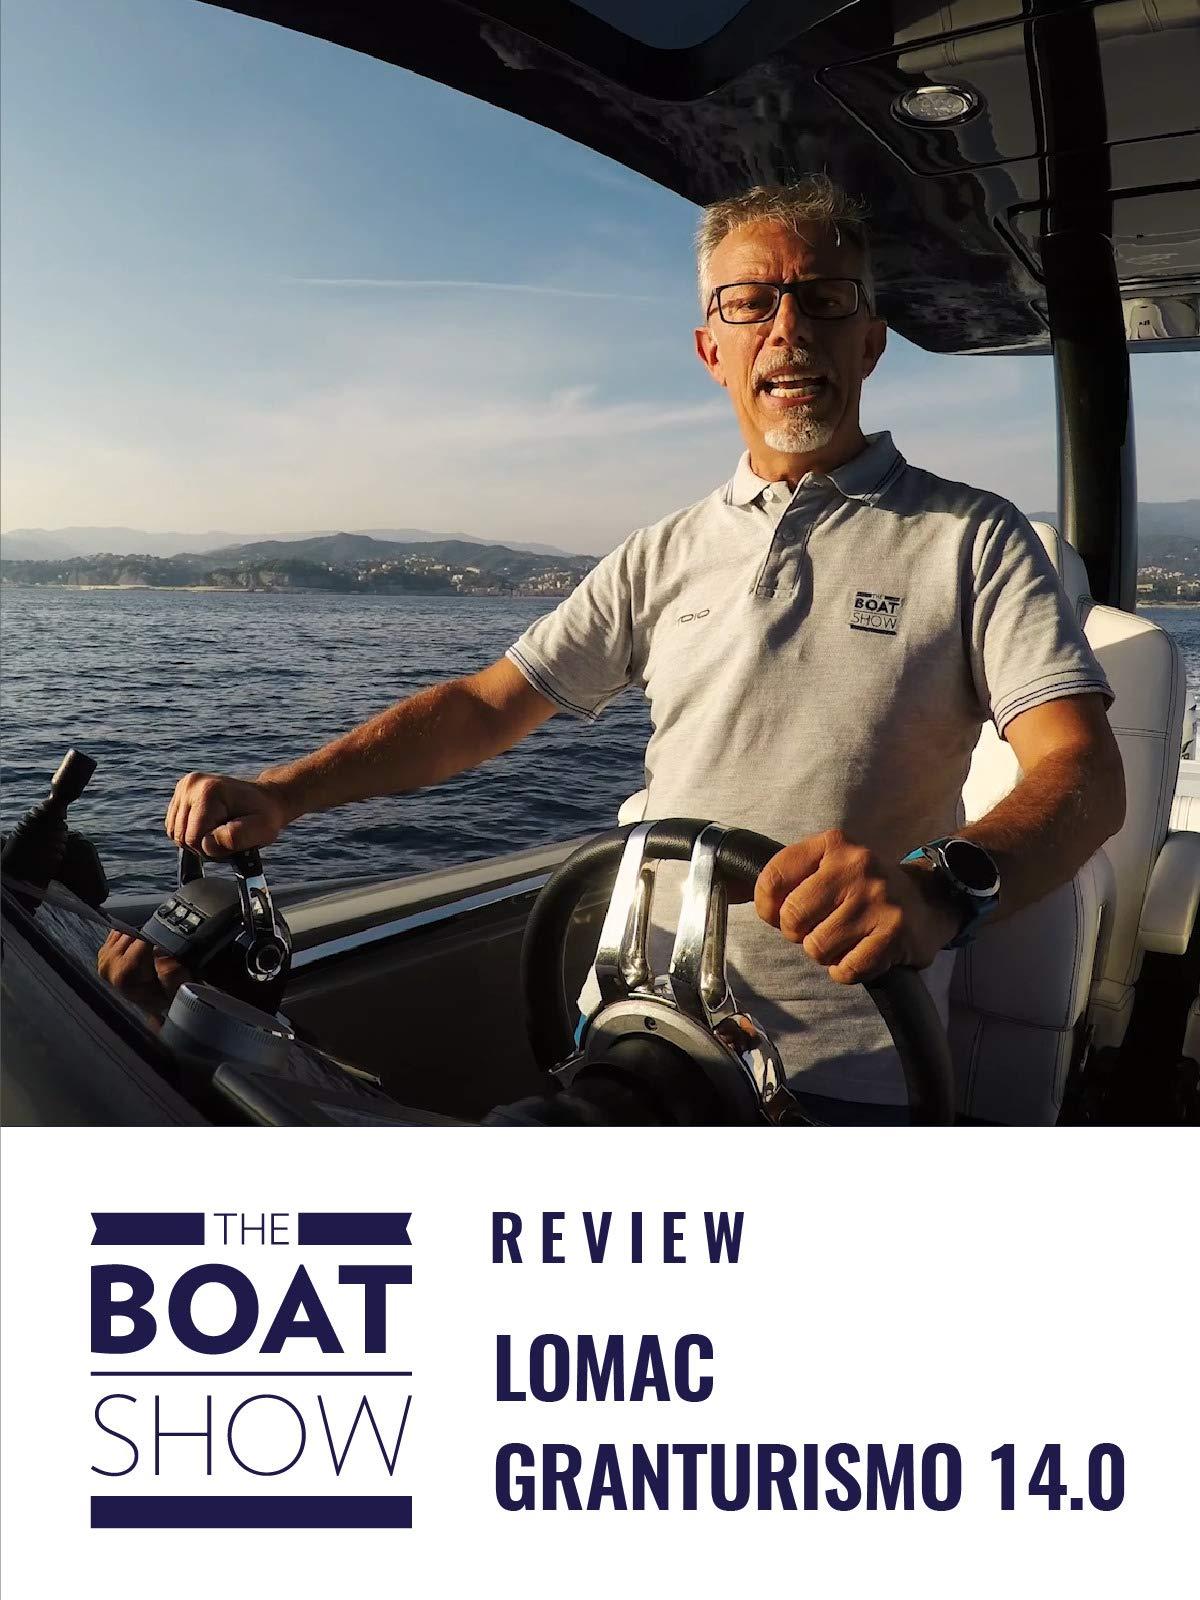 Clip: Lomac GranTurismo 14.0 - The Boat Show